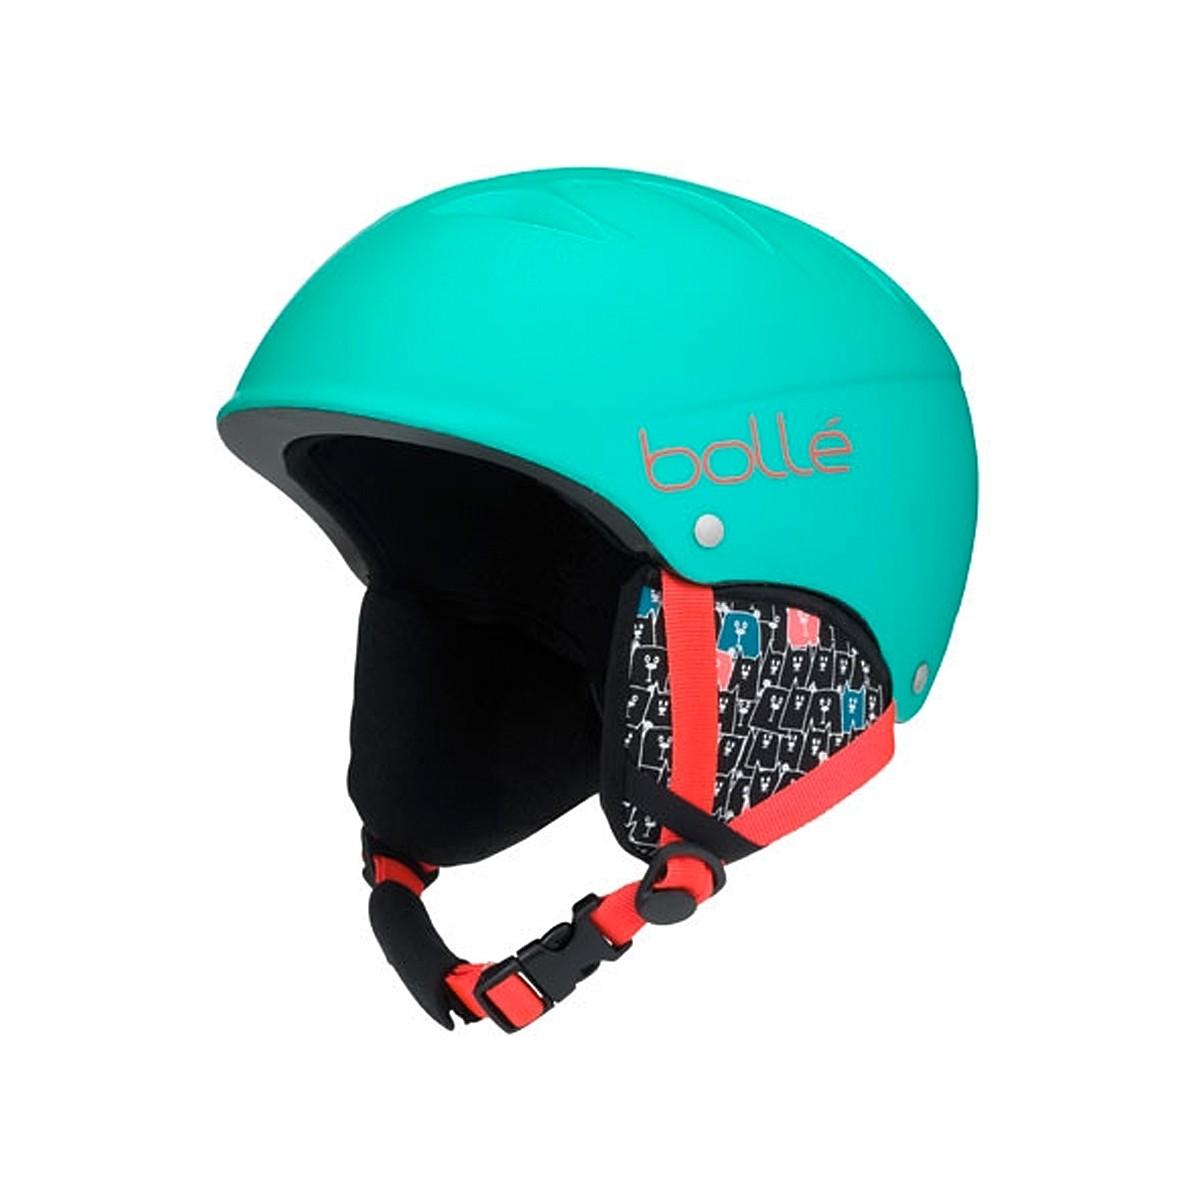 Casco sci Bollé B-Free (Colore: verde menta-rosso, Taglia: 49/53)